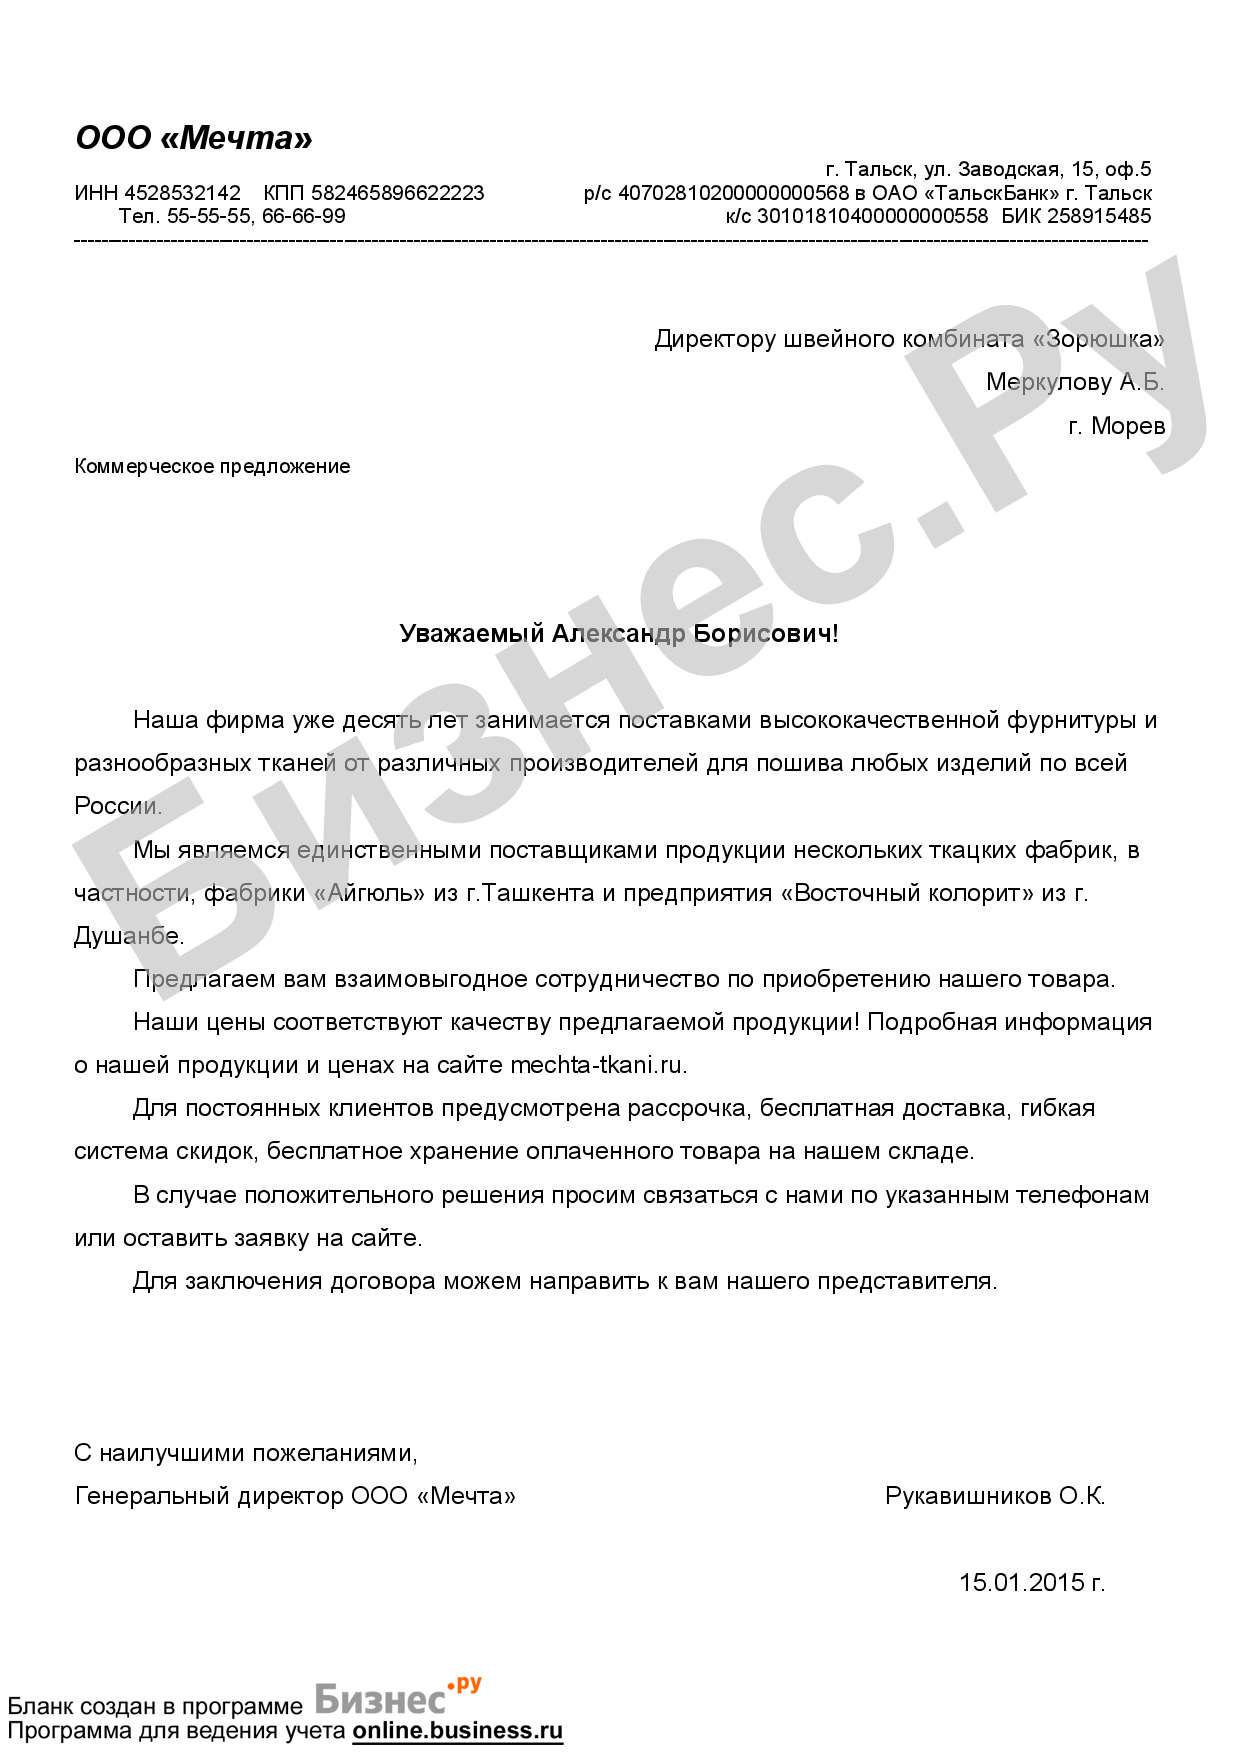 Коммерческое Предложение на Поставку Кондиционеров образец